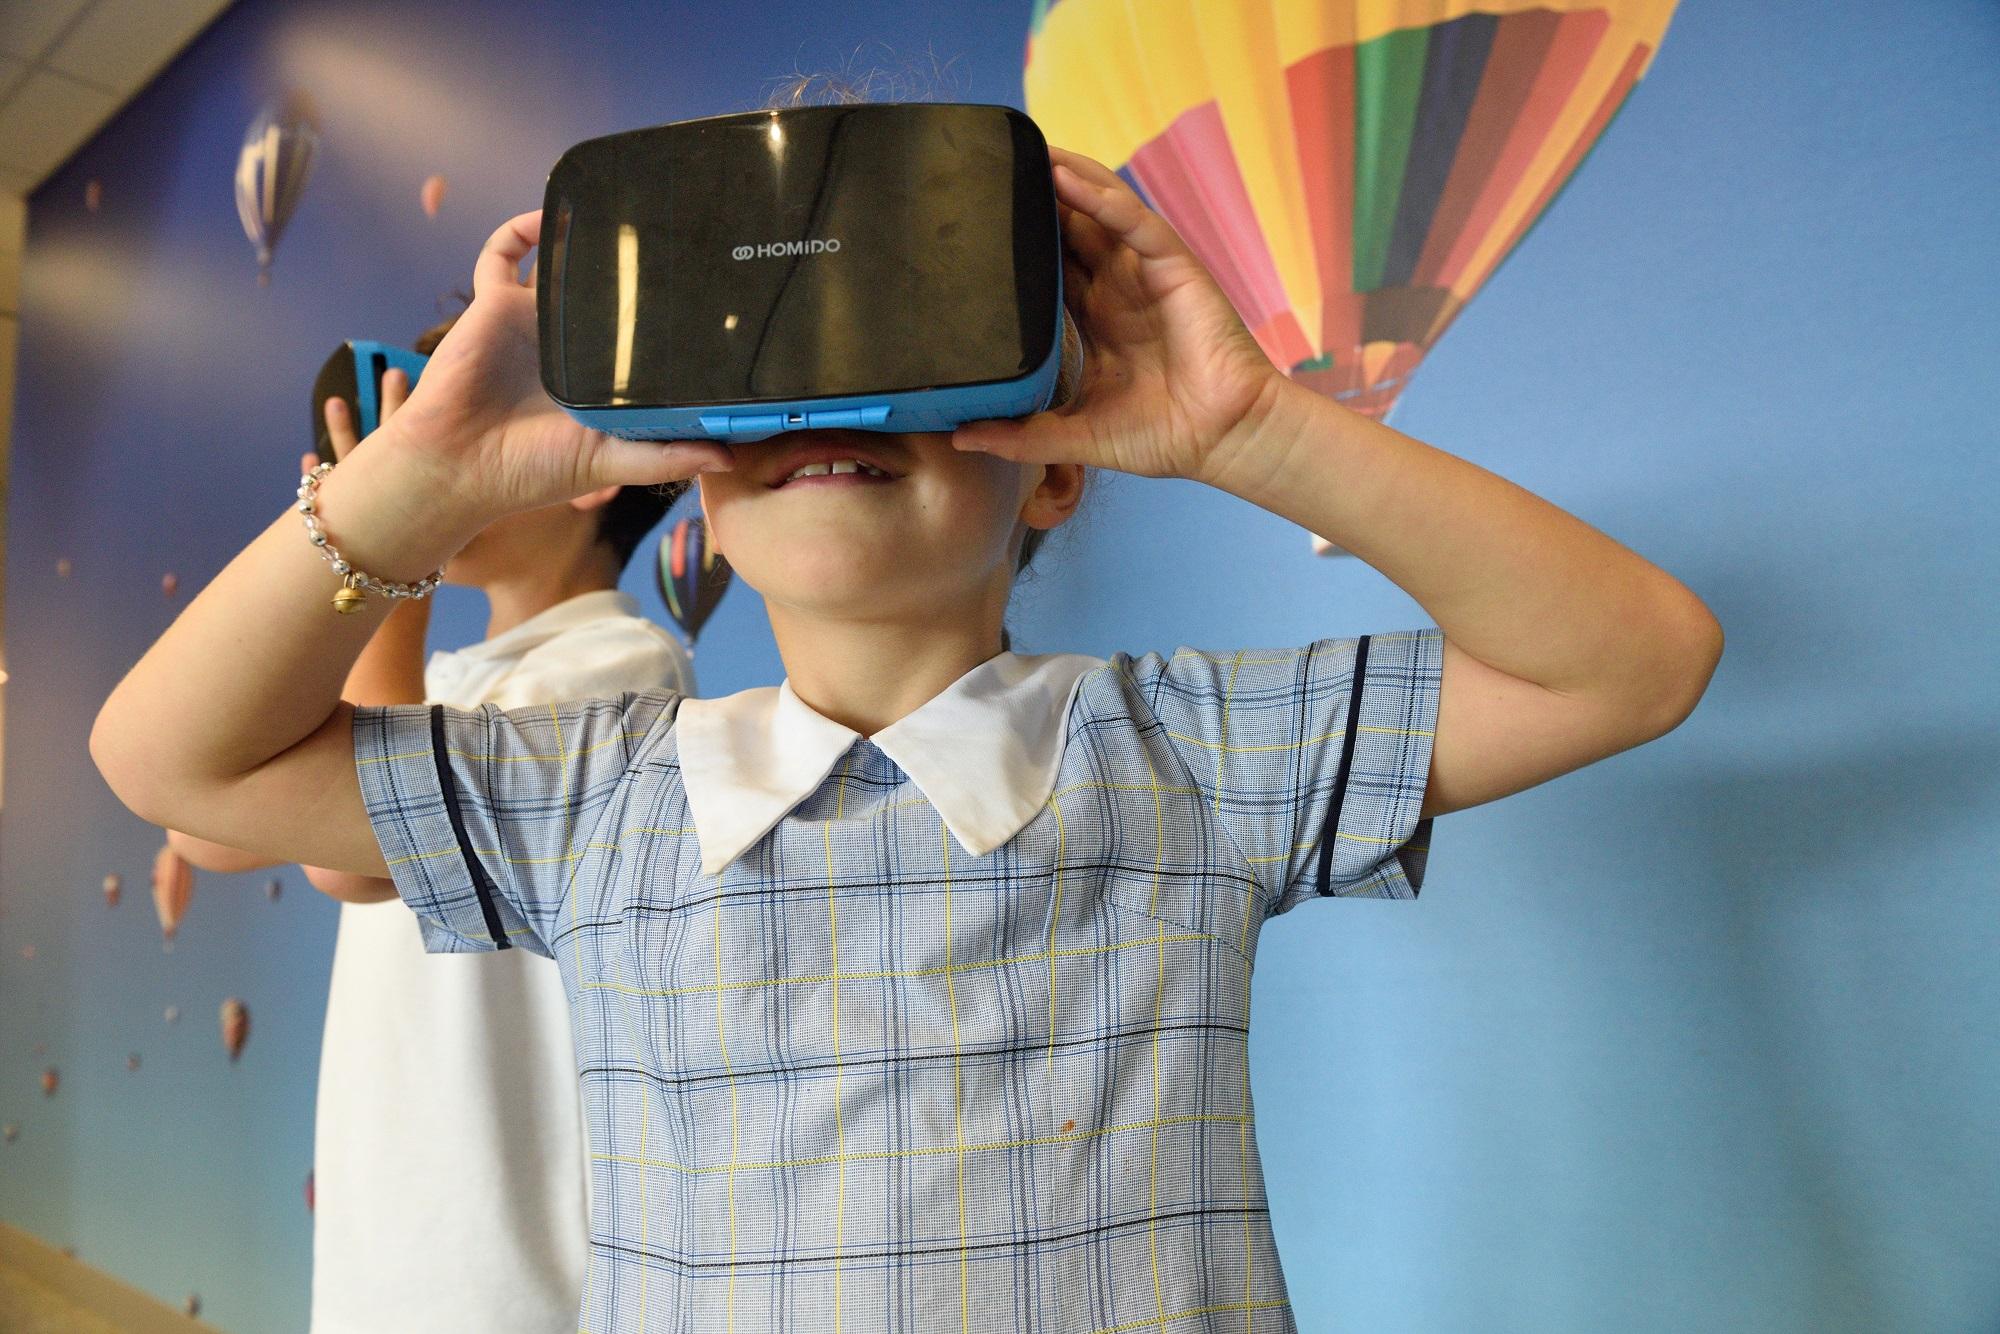 Gafas de realidad virtual para experiencias inmersivas